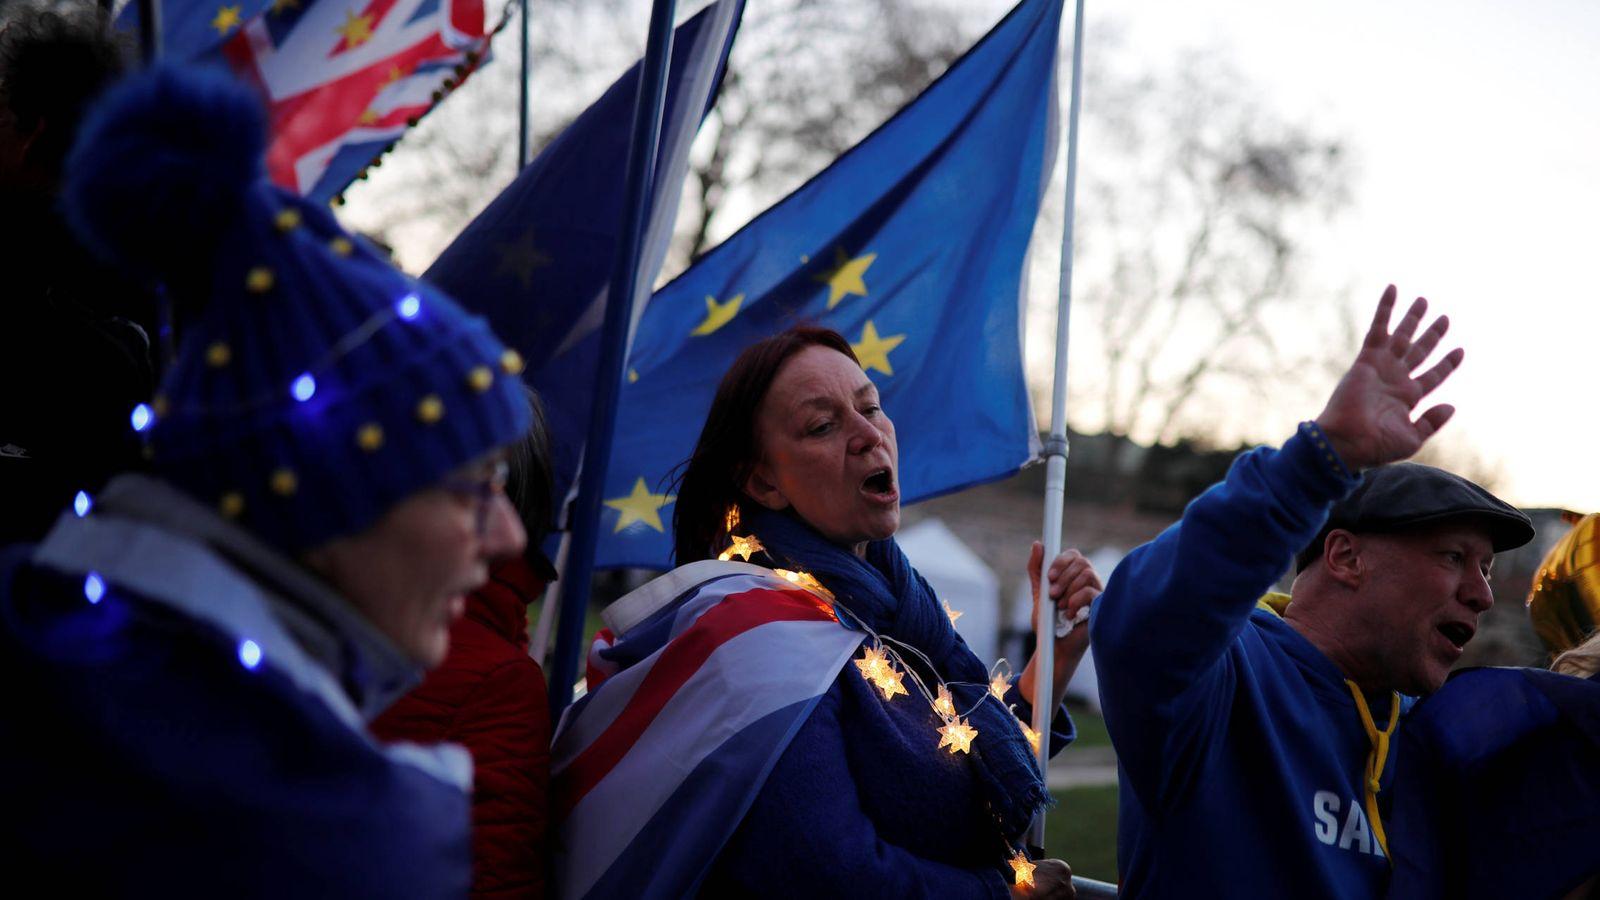 Foto: Manifestantes contrarios al Brexit se manifiestan ante el Parlamento británico, en Londres. (Reuters)